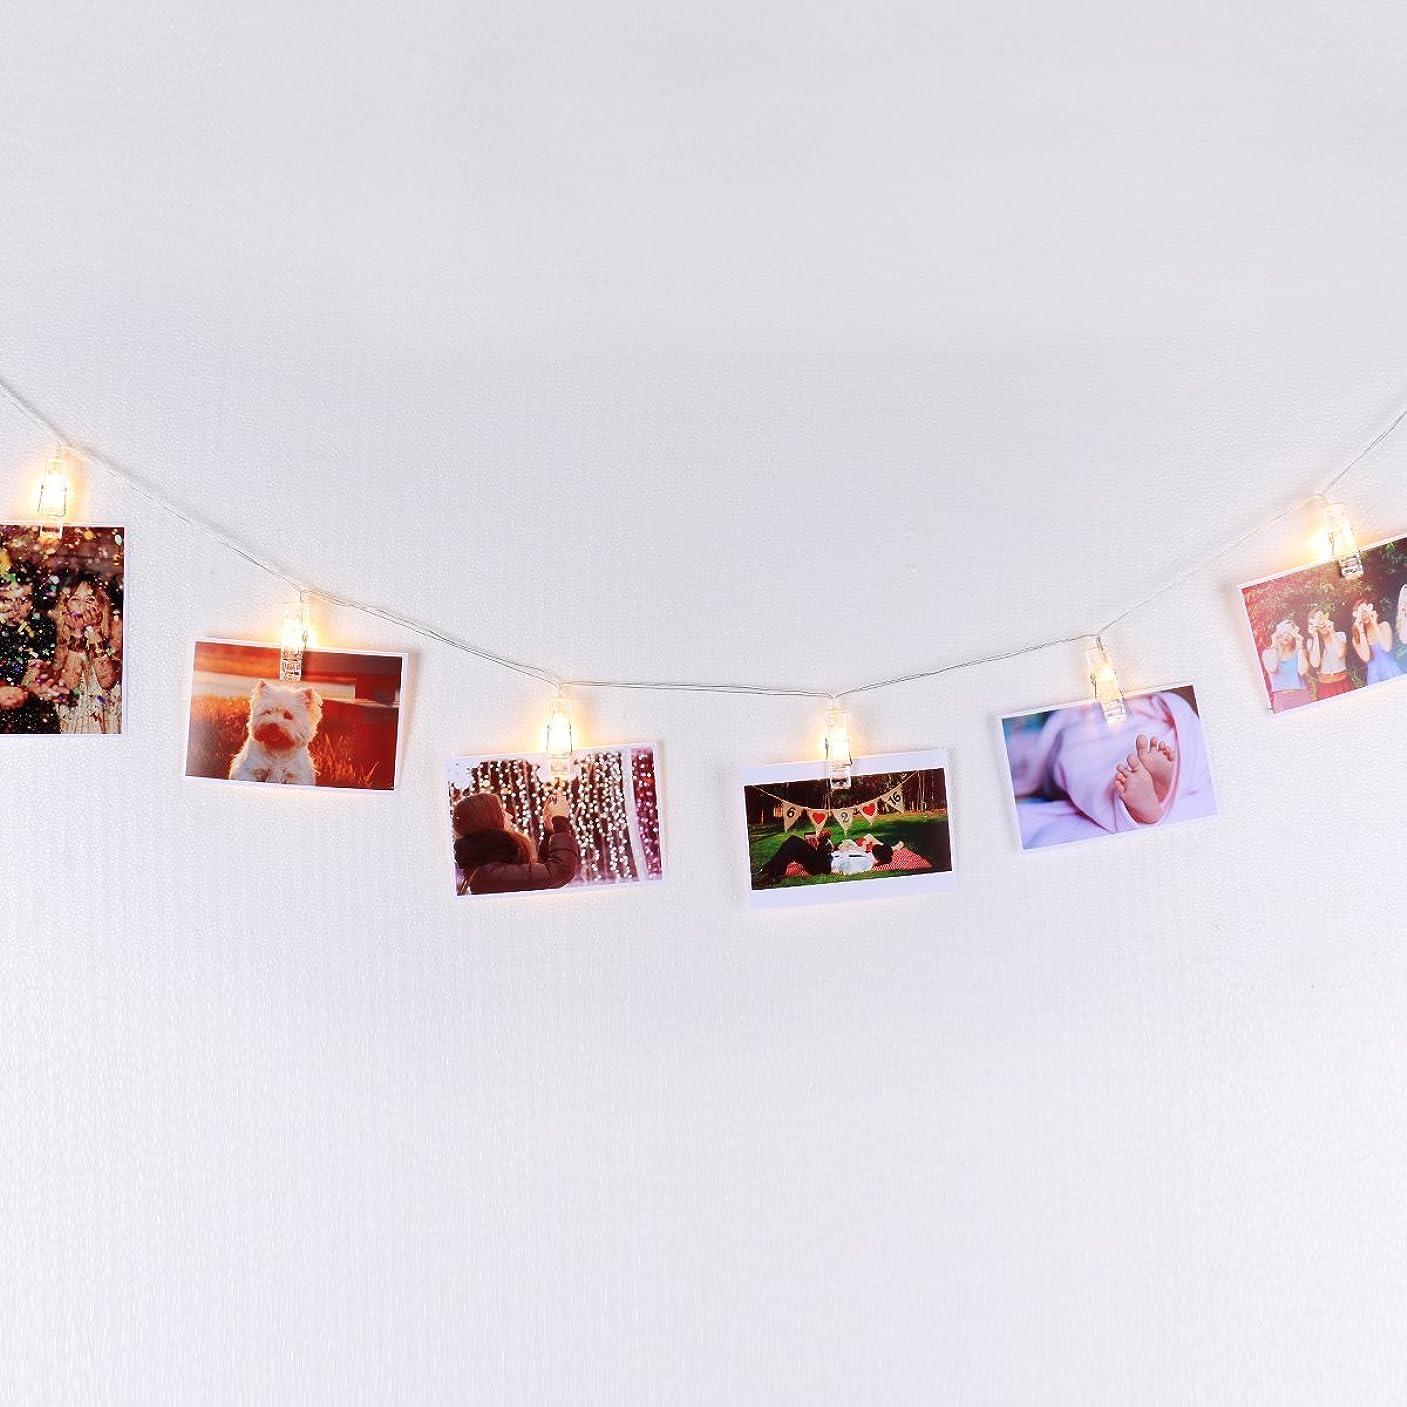 人里離れたガレージしないLED 写真ディスプレイ用 ストリングライト 自動ON/OFFタイマー付き 温白色 4.5m/15フィート 電池駆動式、絵 写真 カード メモ 吊り下げ飾り用、フォトガーランド 壁飾り 必需品